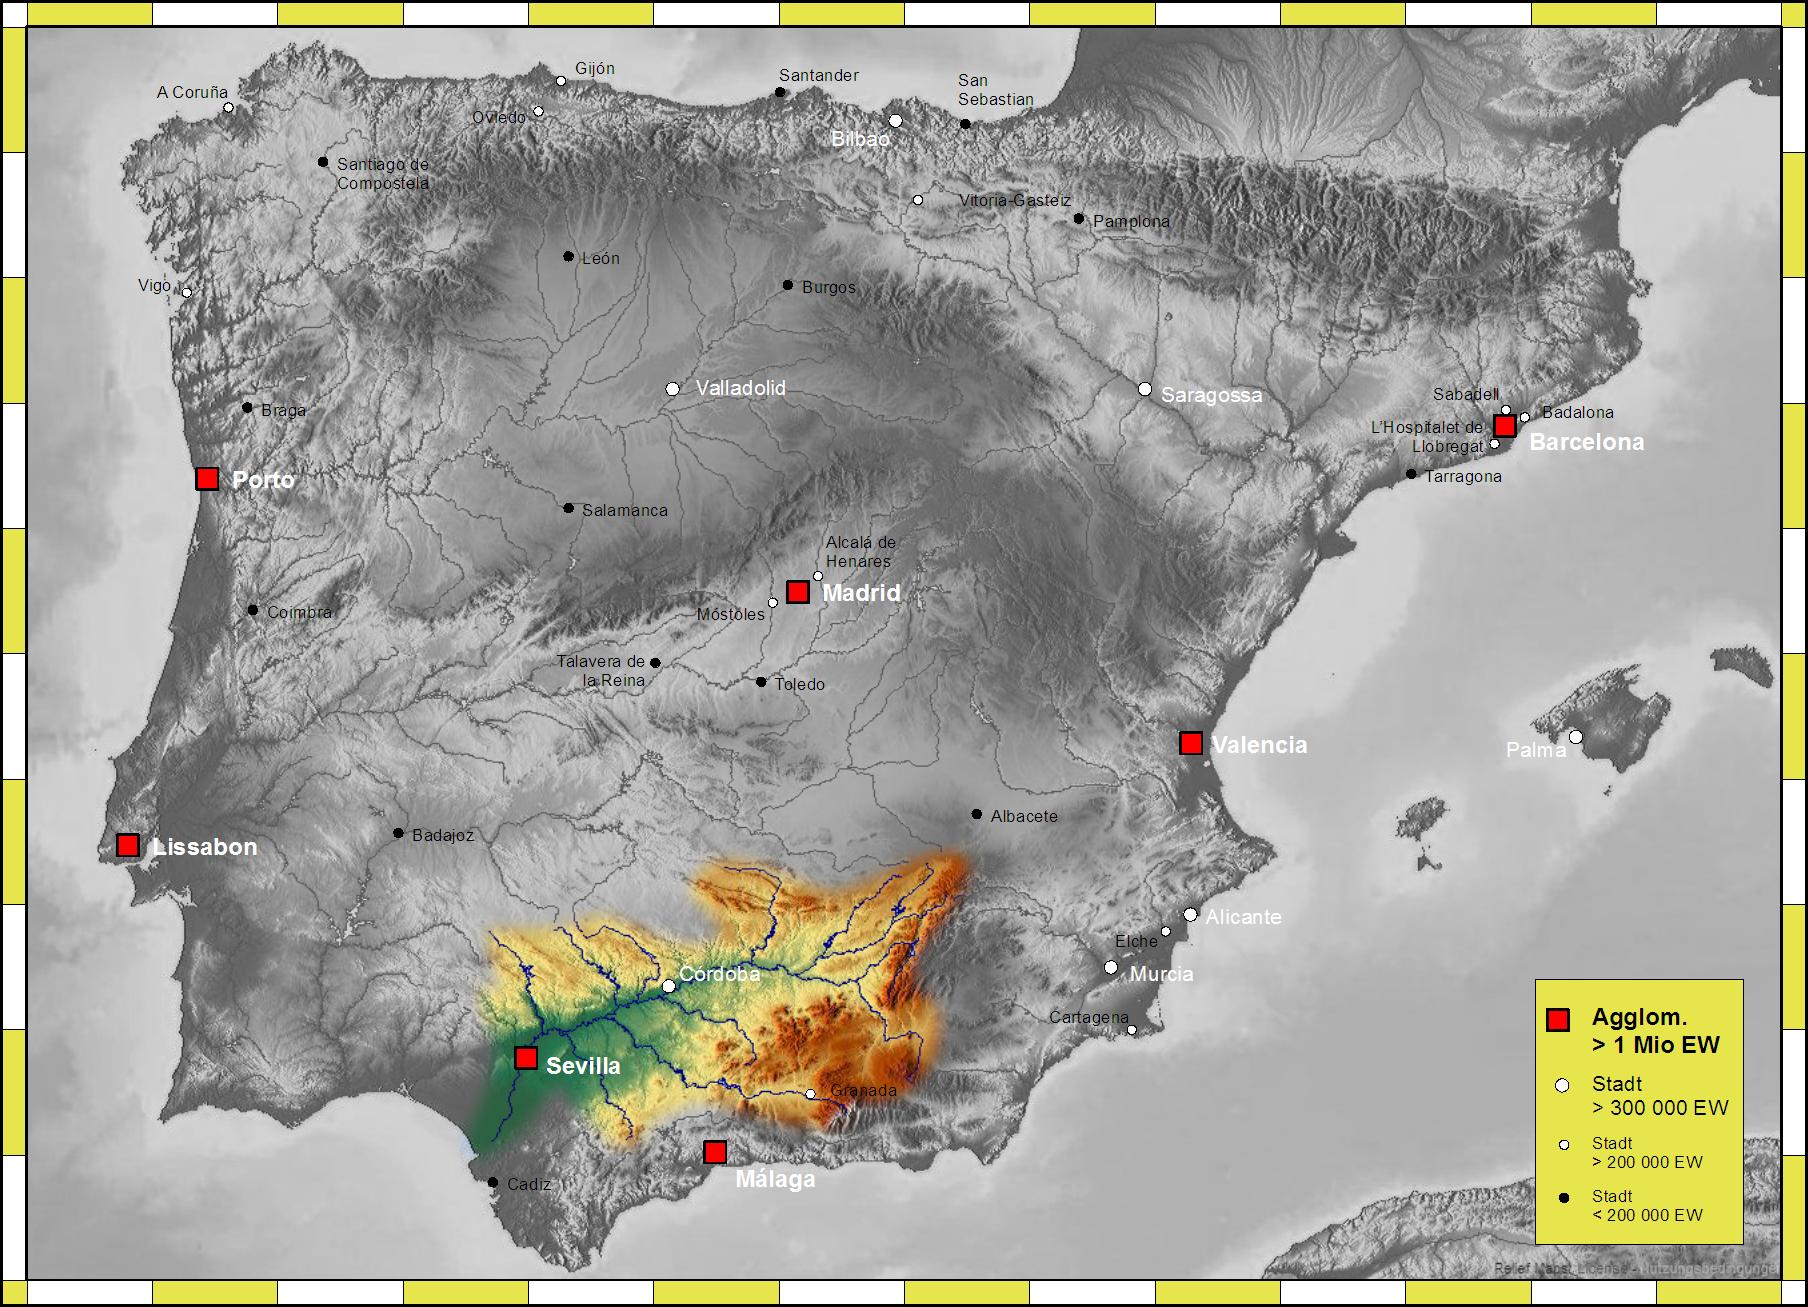 Guadalquivir river basin 2007